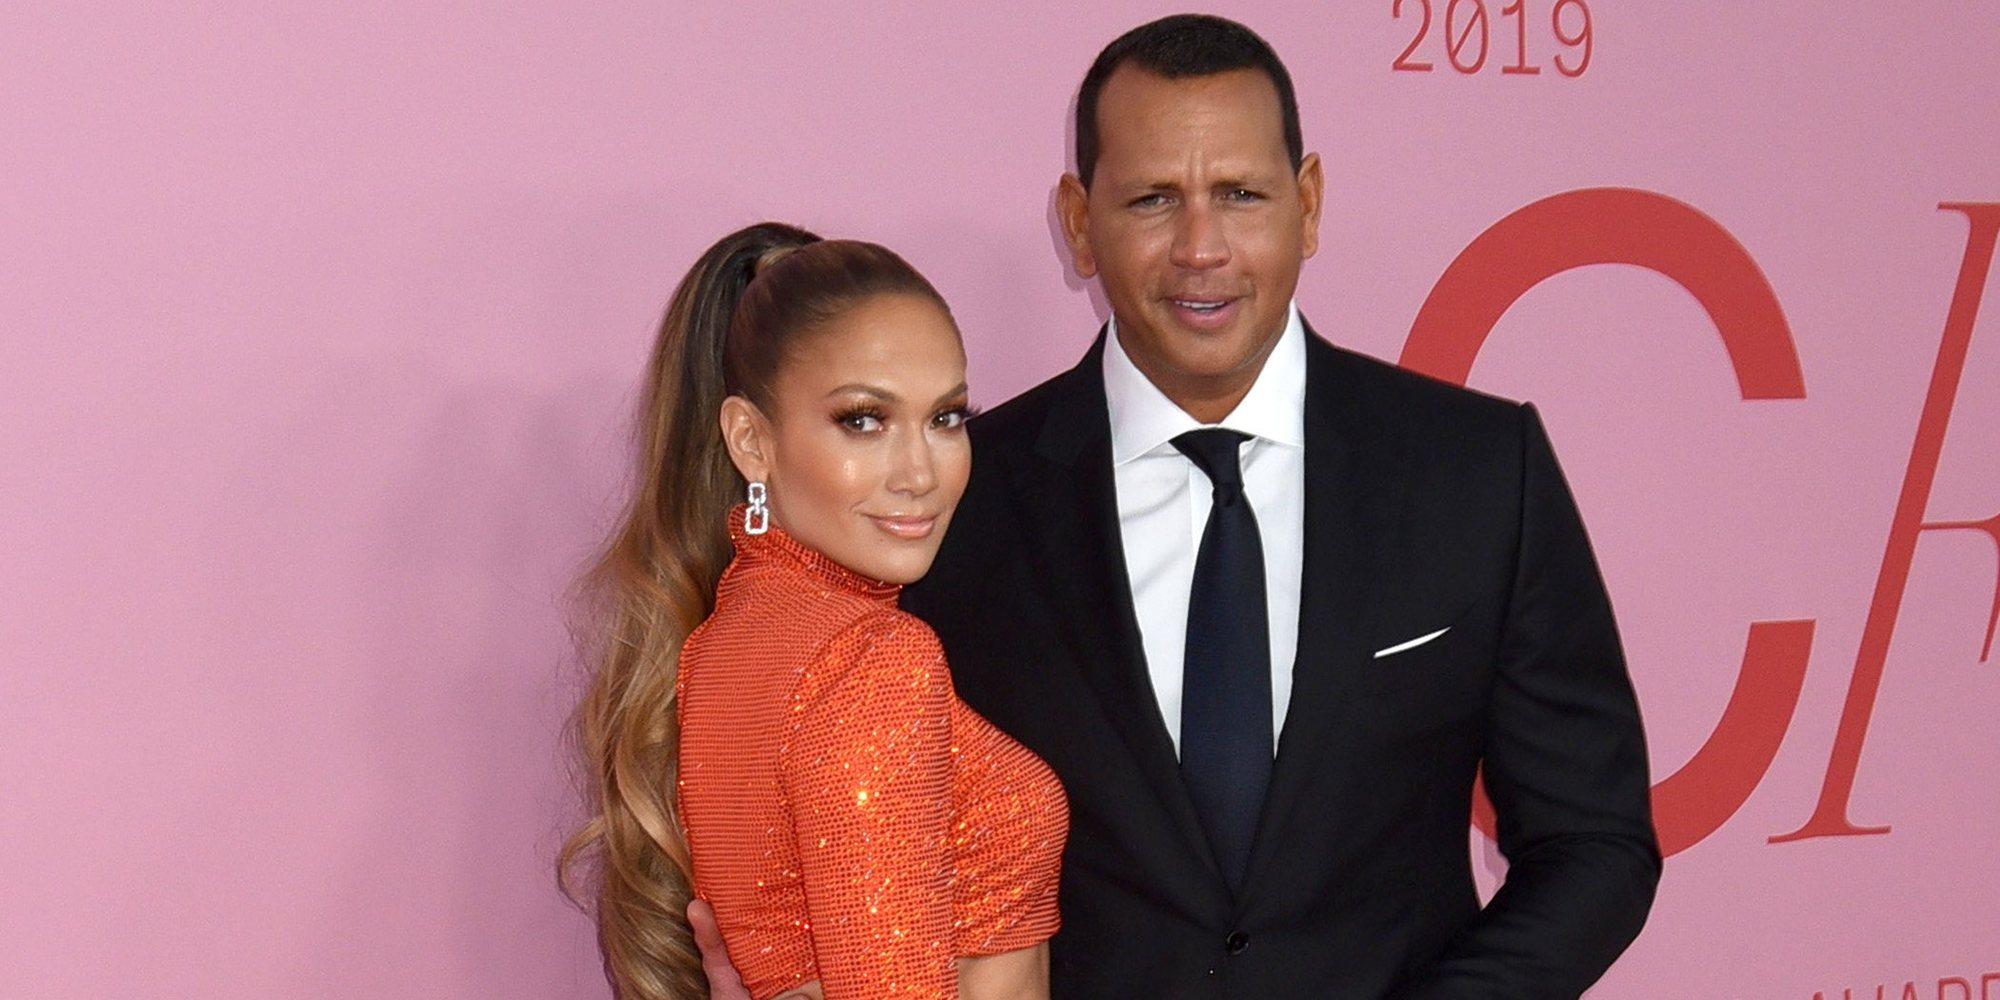 Jennifer Lopez y Alex Rodriguez celebran su fiesta de compromiso en Los Ángeles junto a sus hijos